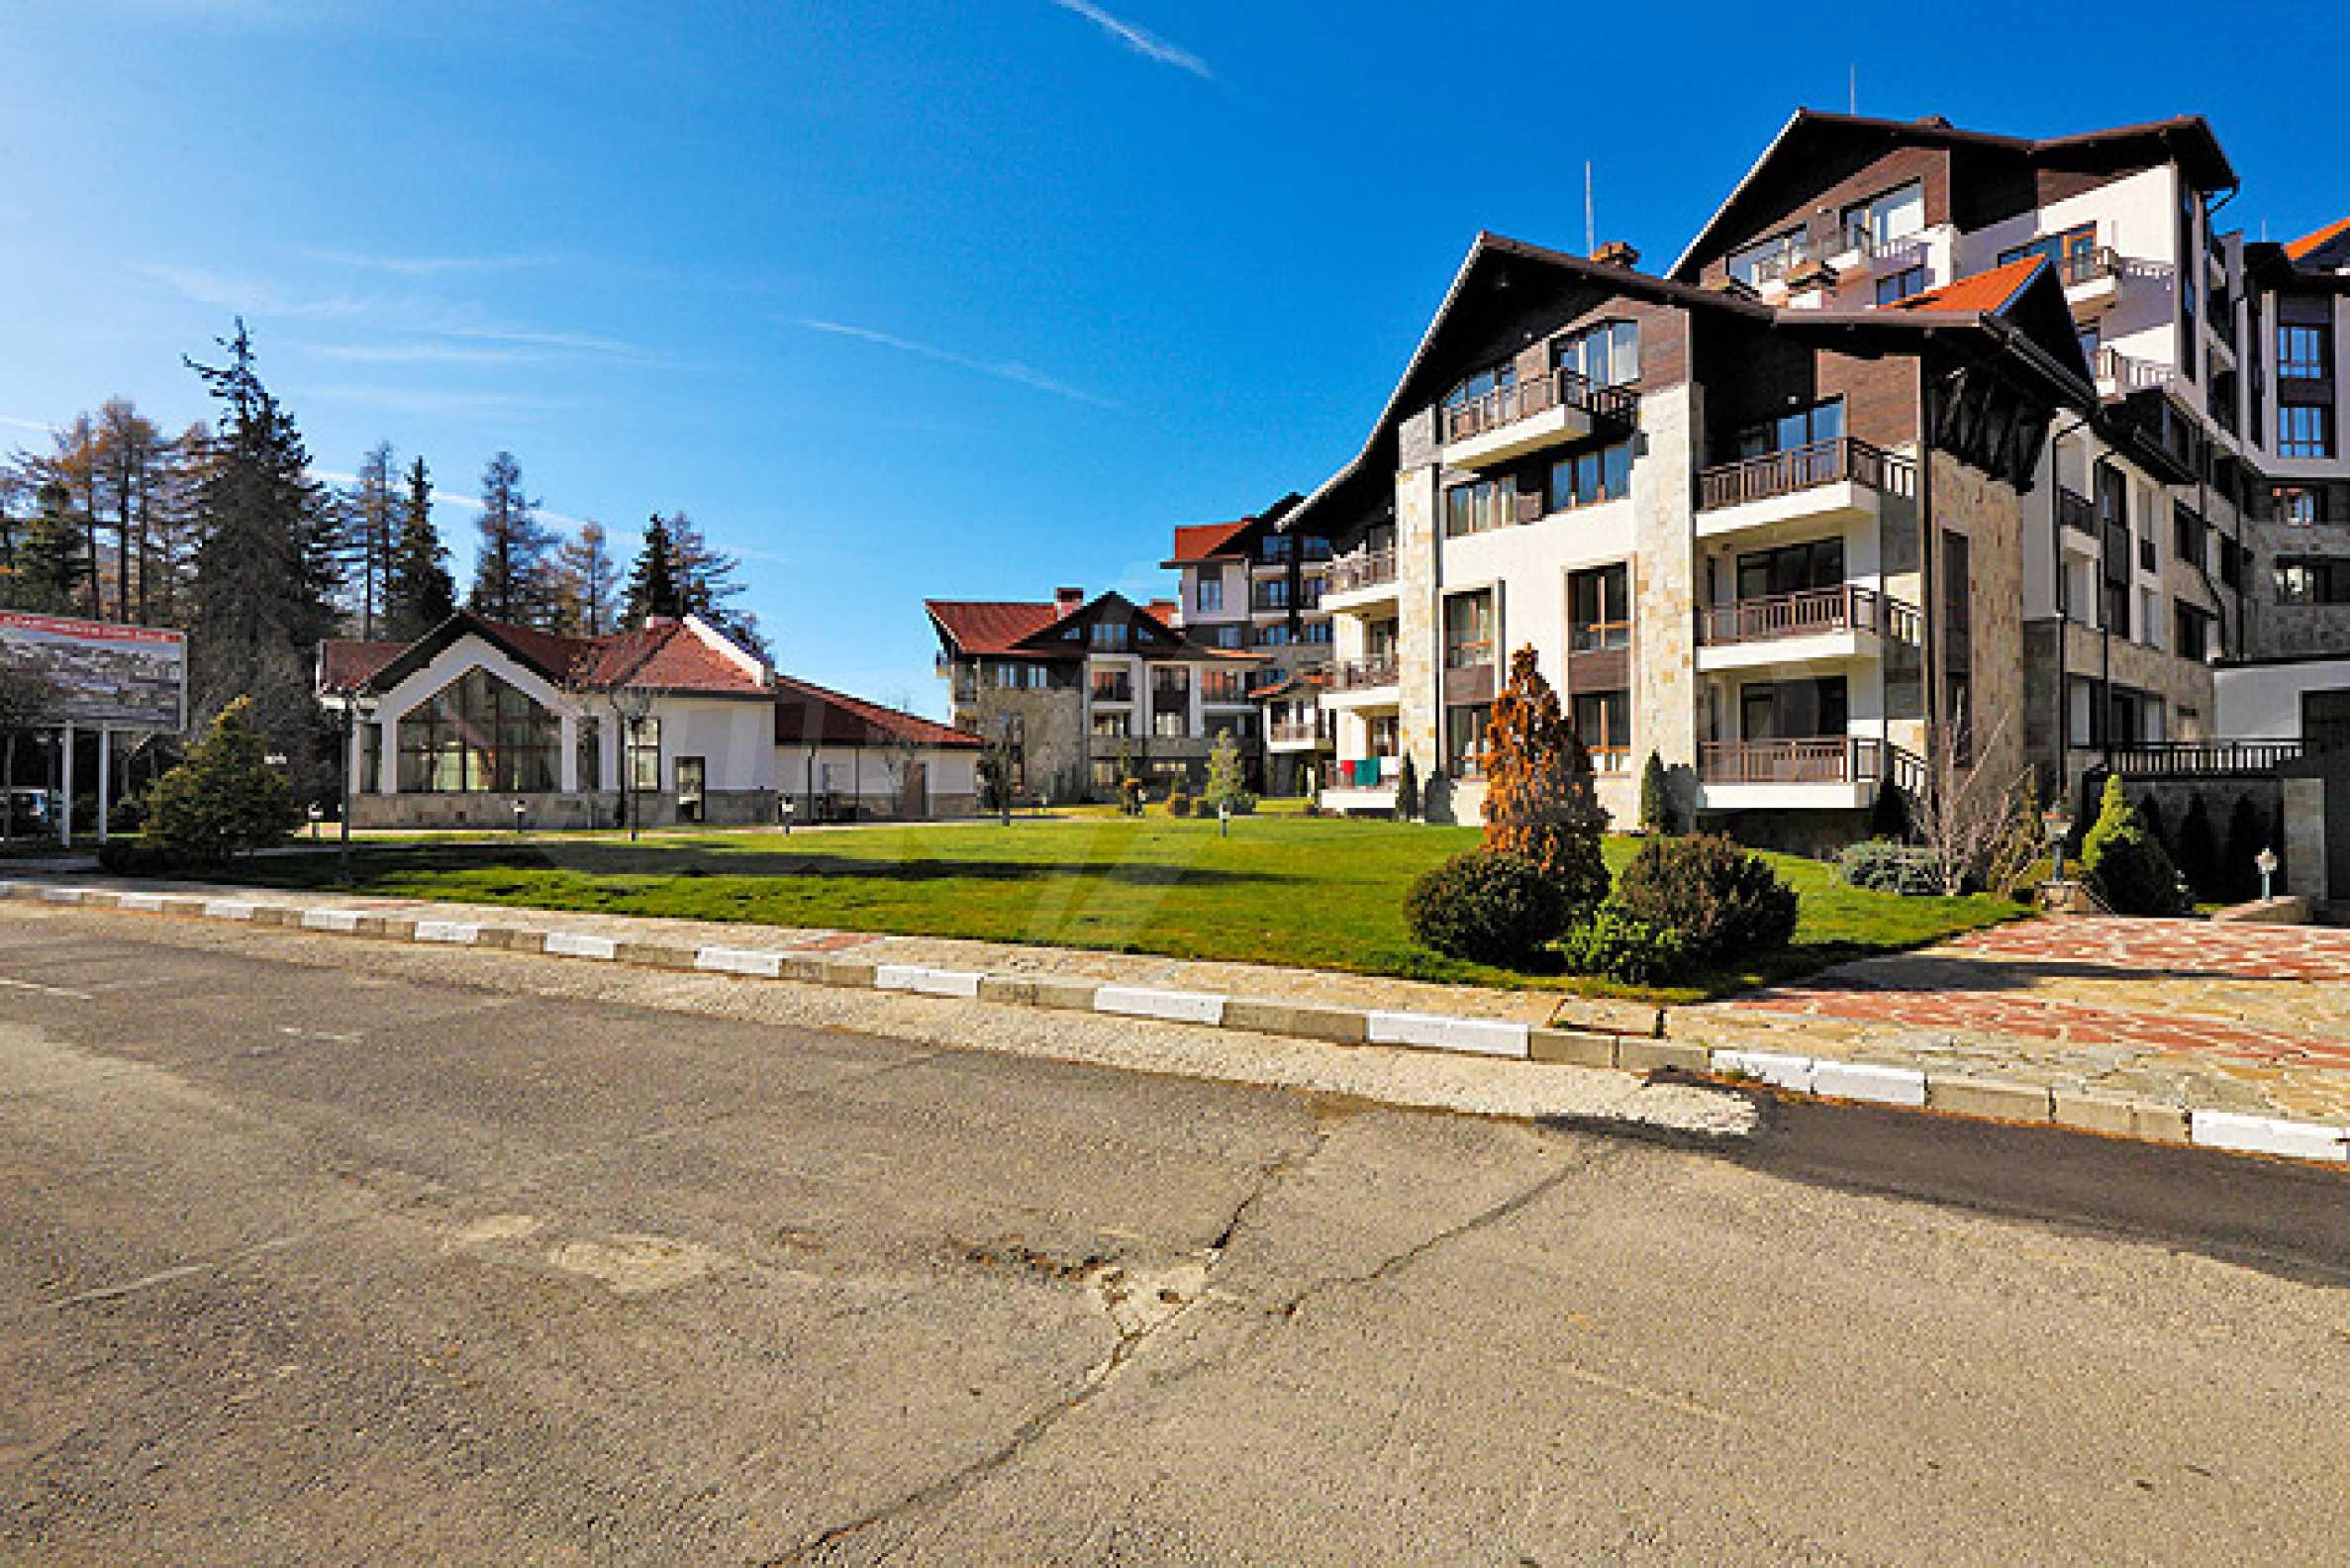 Първокласни апартаменти за продажба на метри от писта Ястребец в Боровец 1